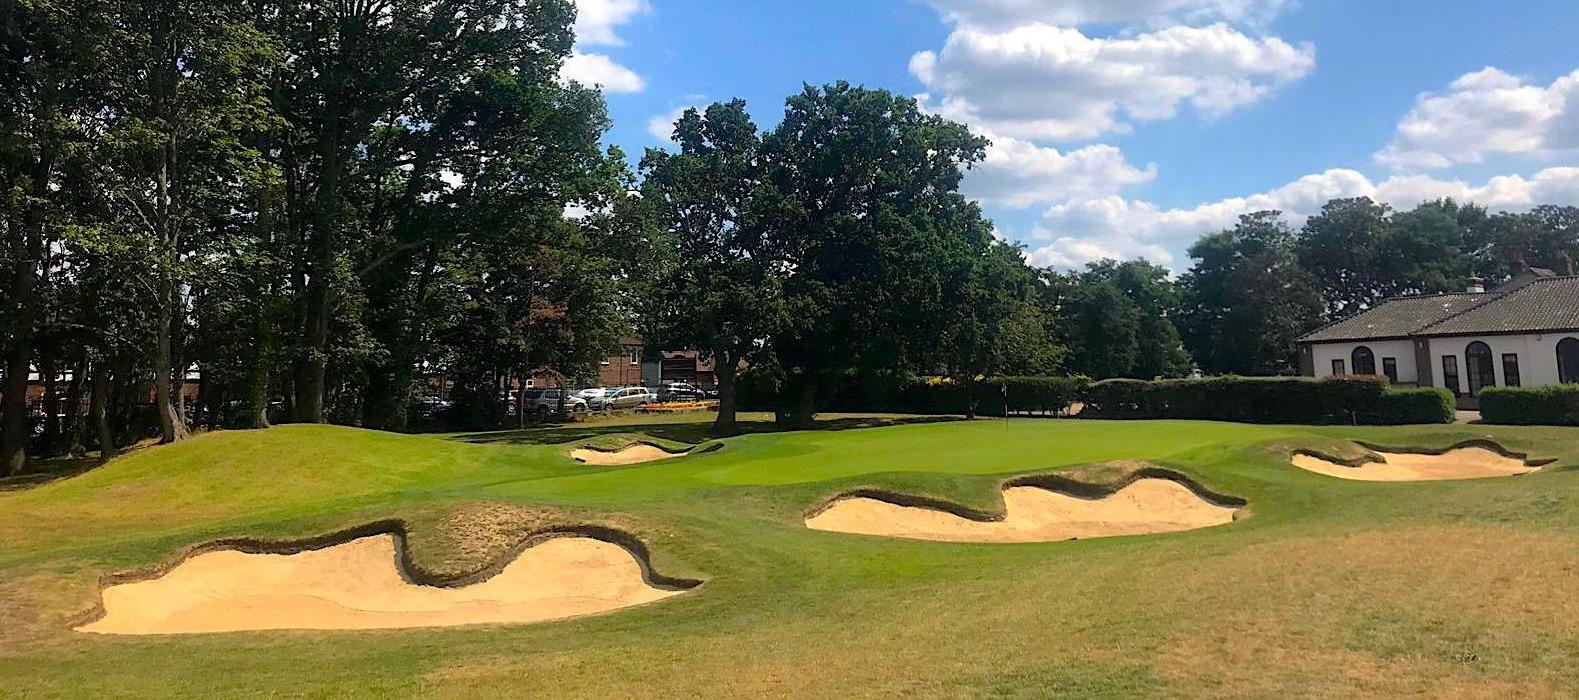 Fulwell Golf Club par-3 9th hole